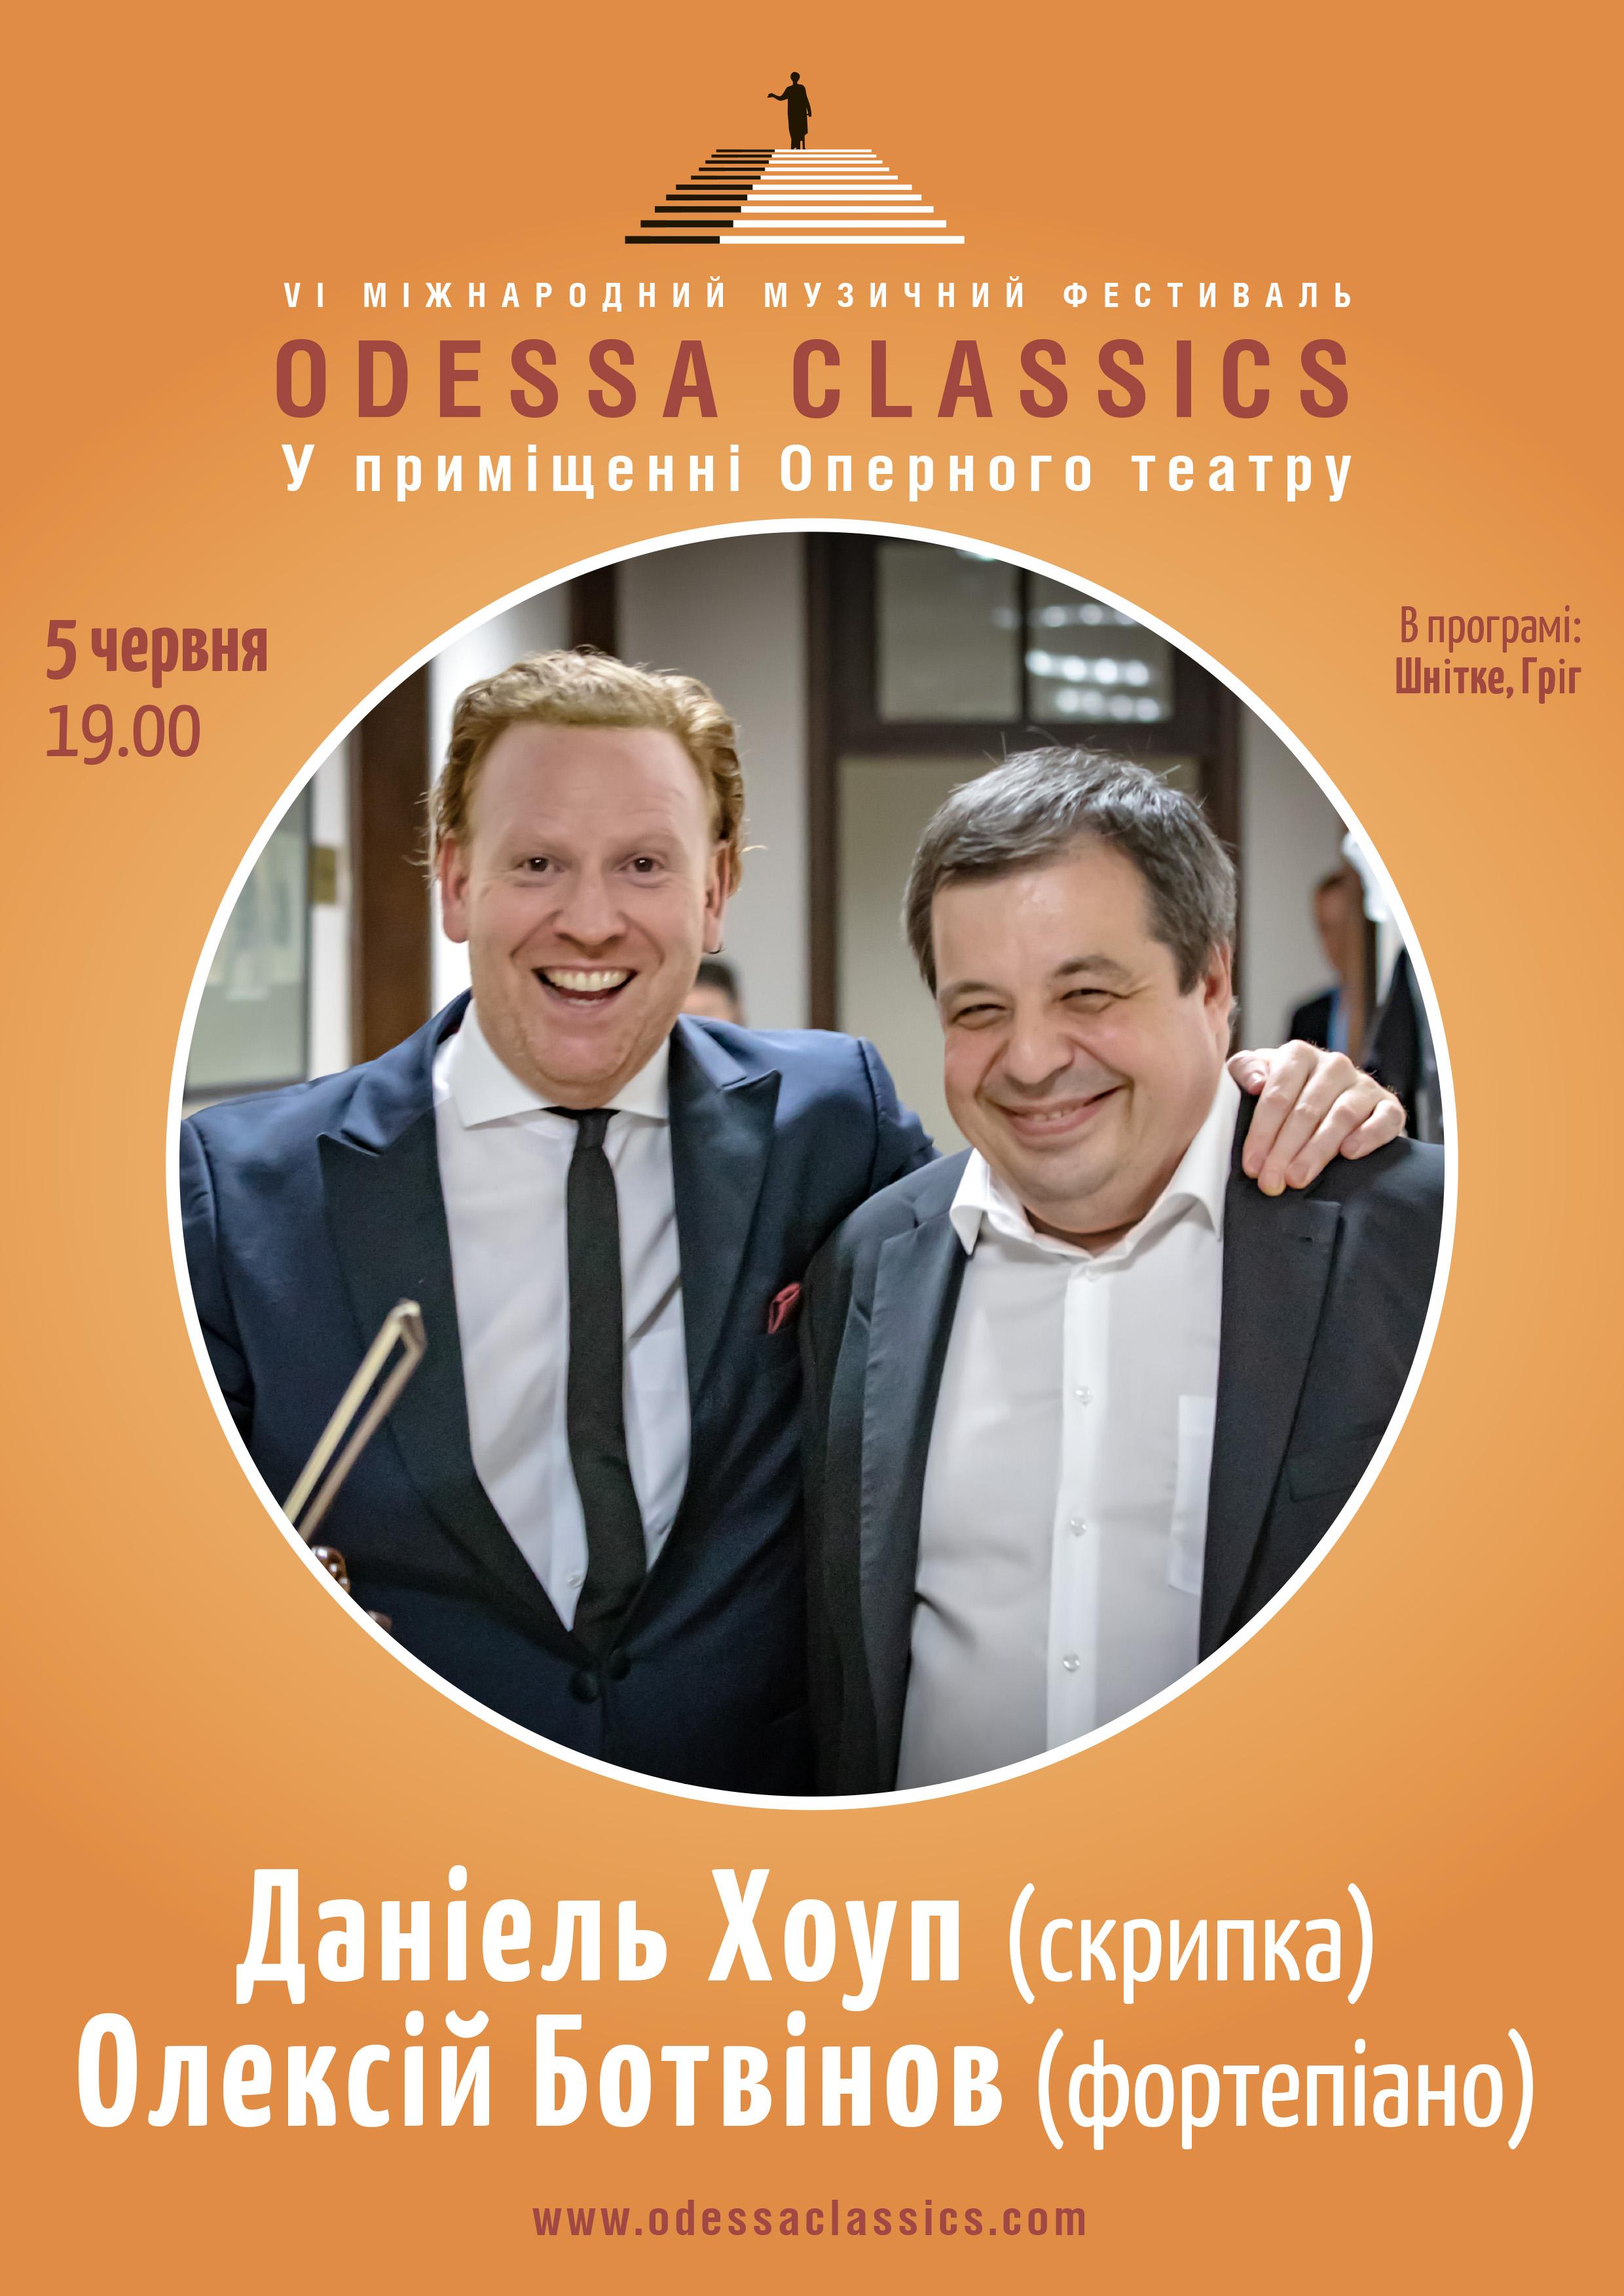 Odessa Classic: Даніель Хоуп і Олексій Ботвінов